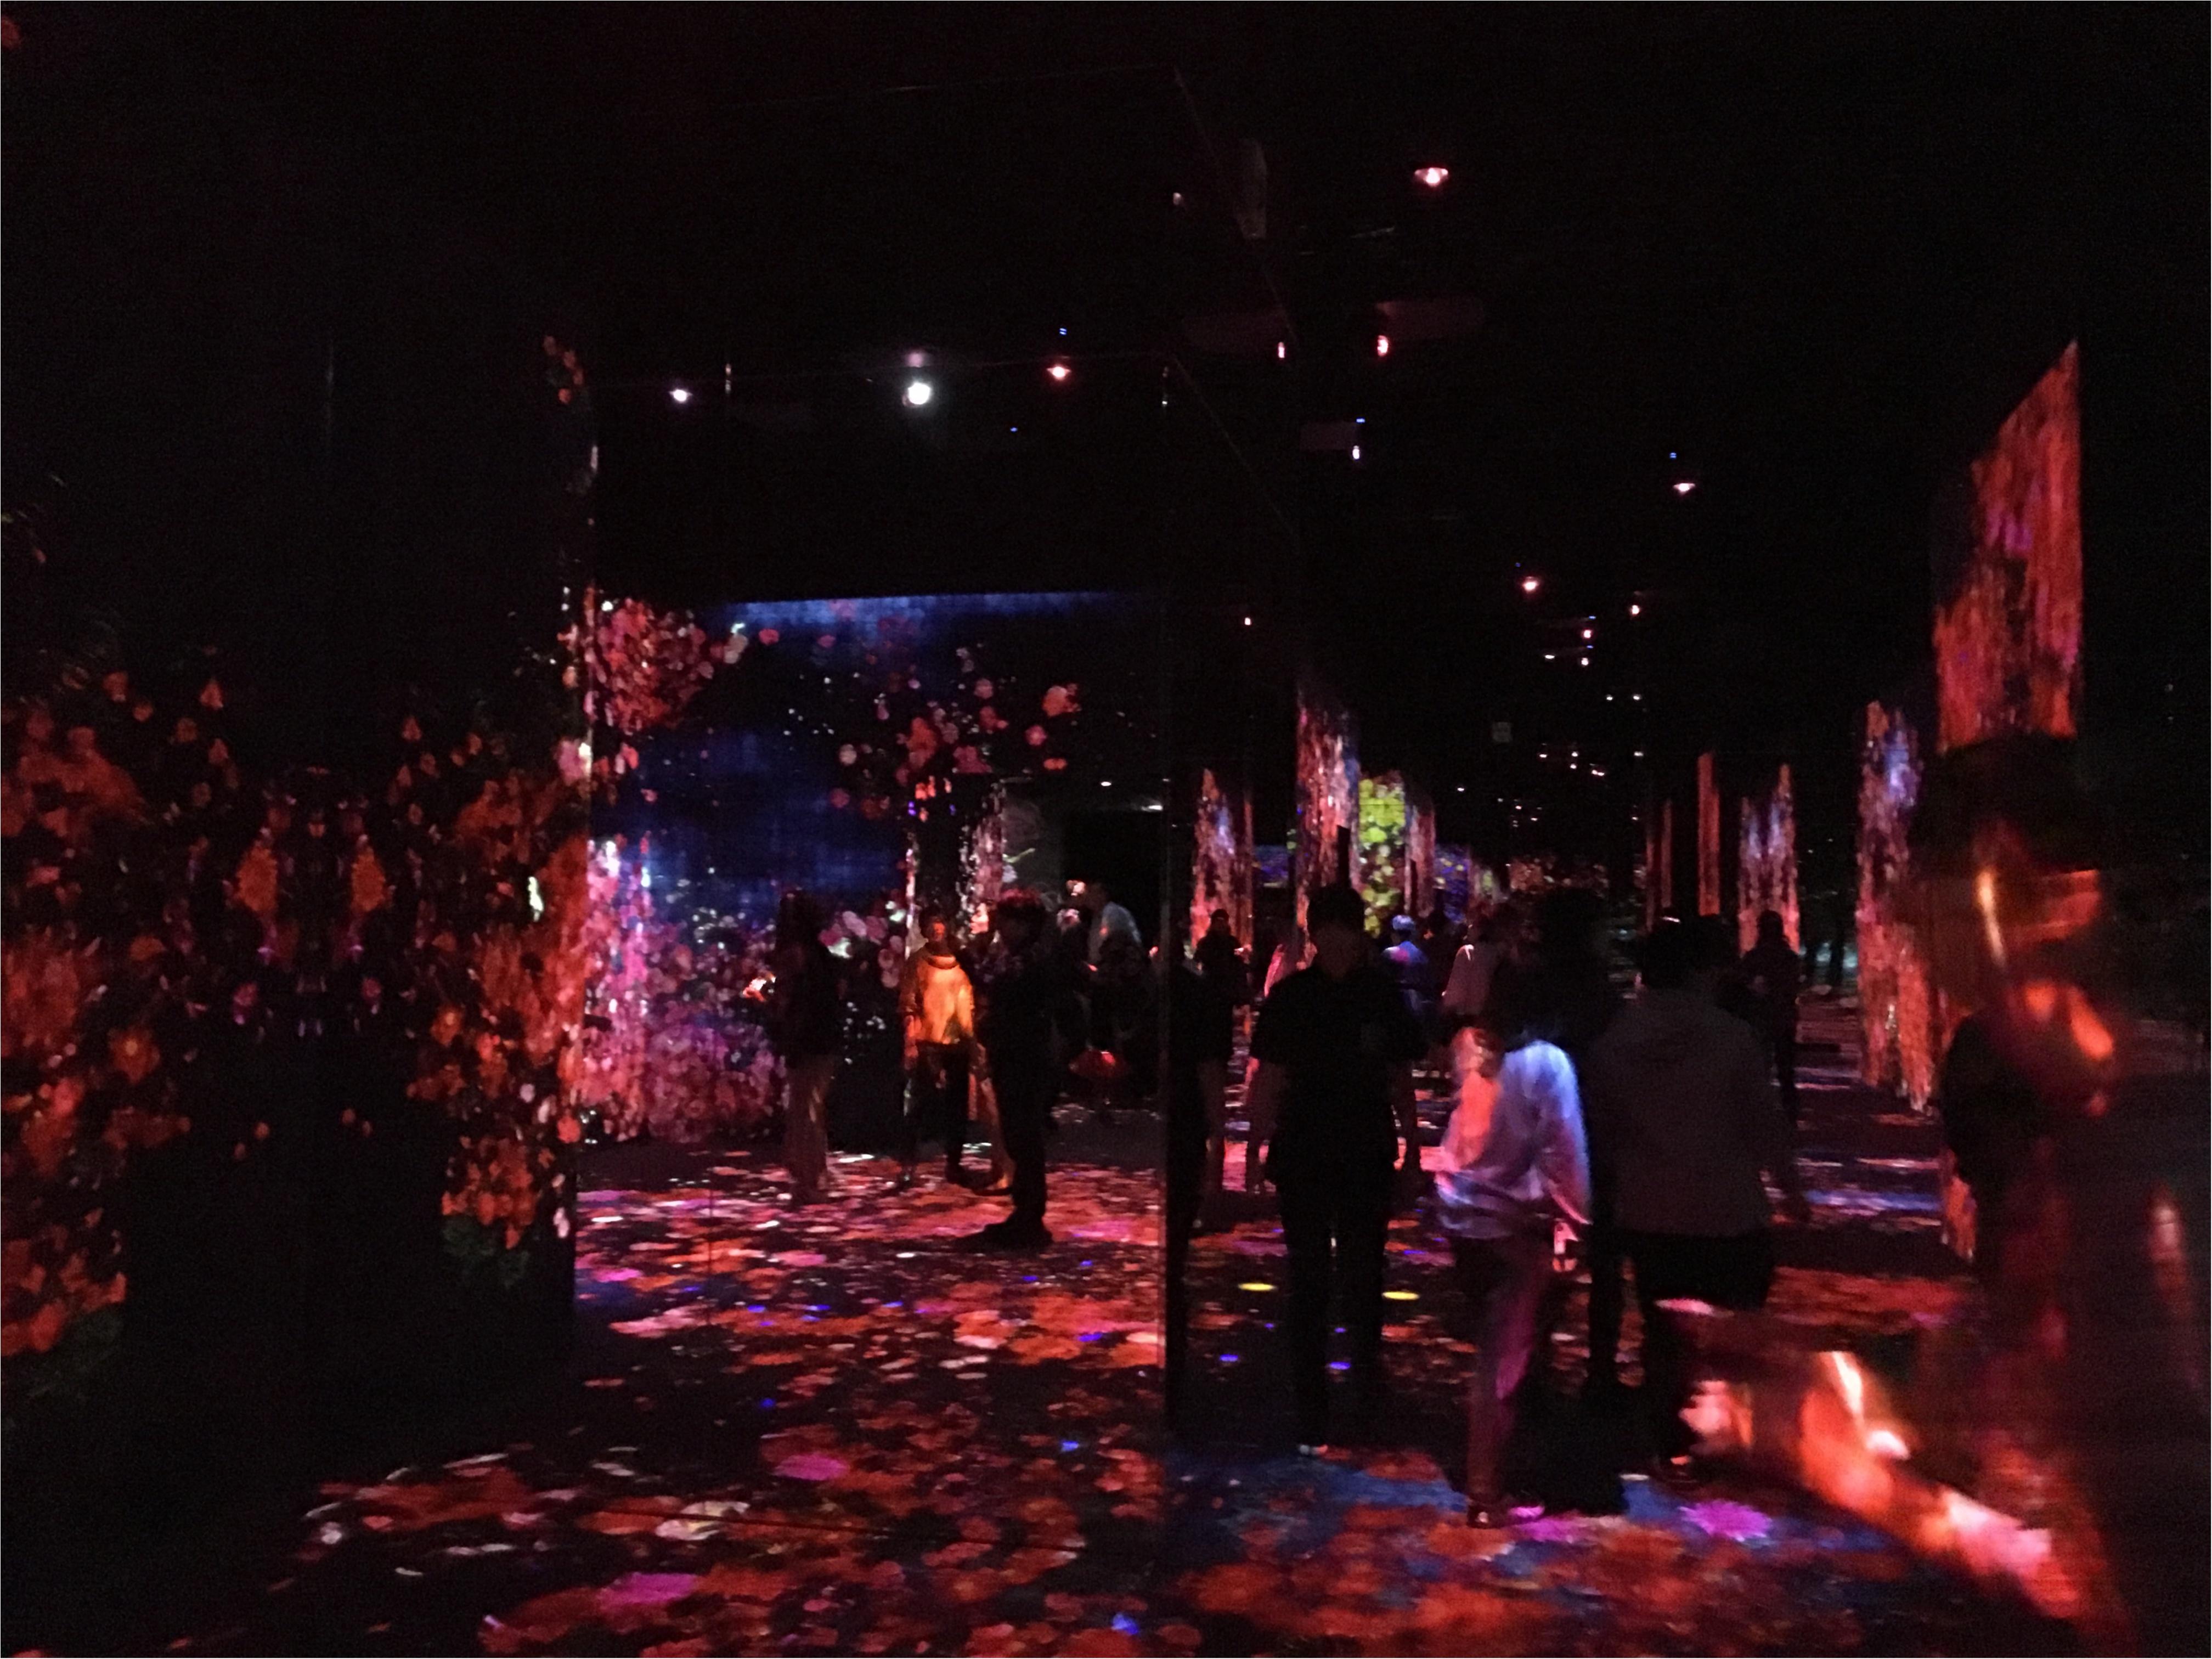 【チームラボ】お台場で開催中『ボーダレス』ランプの森が幻想的すぎる!_1